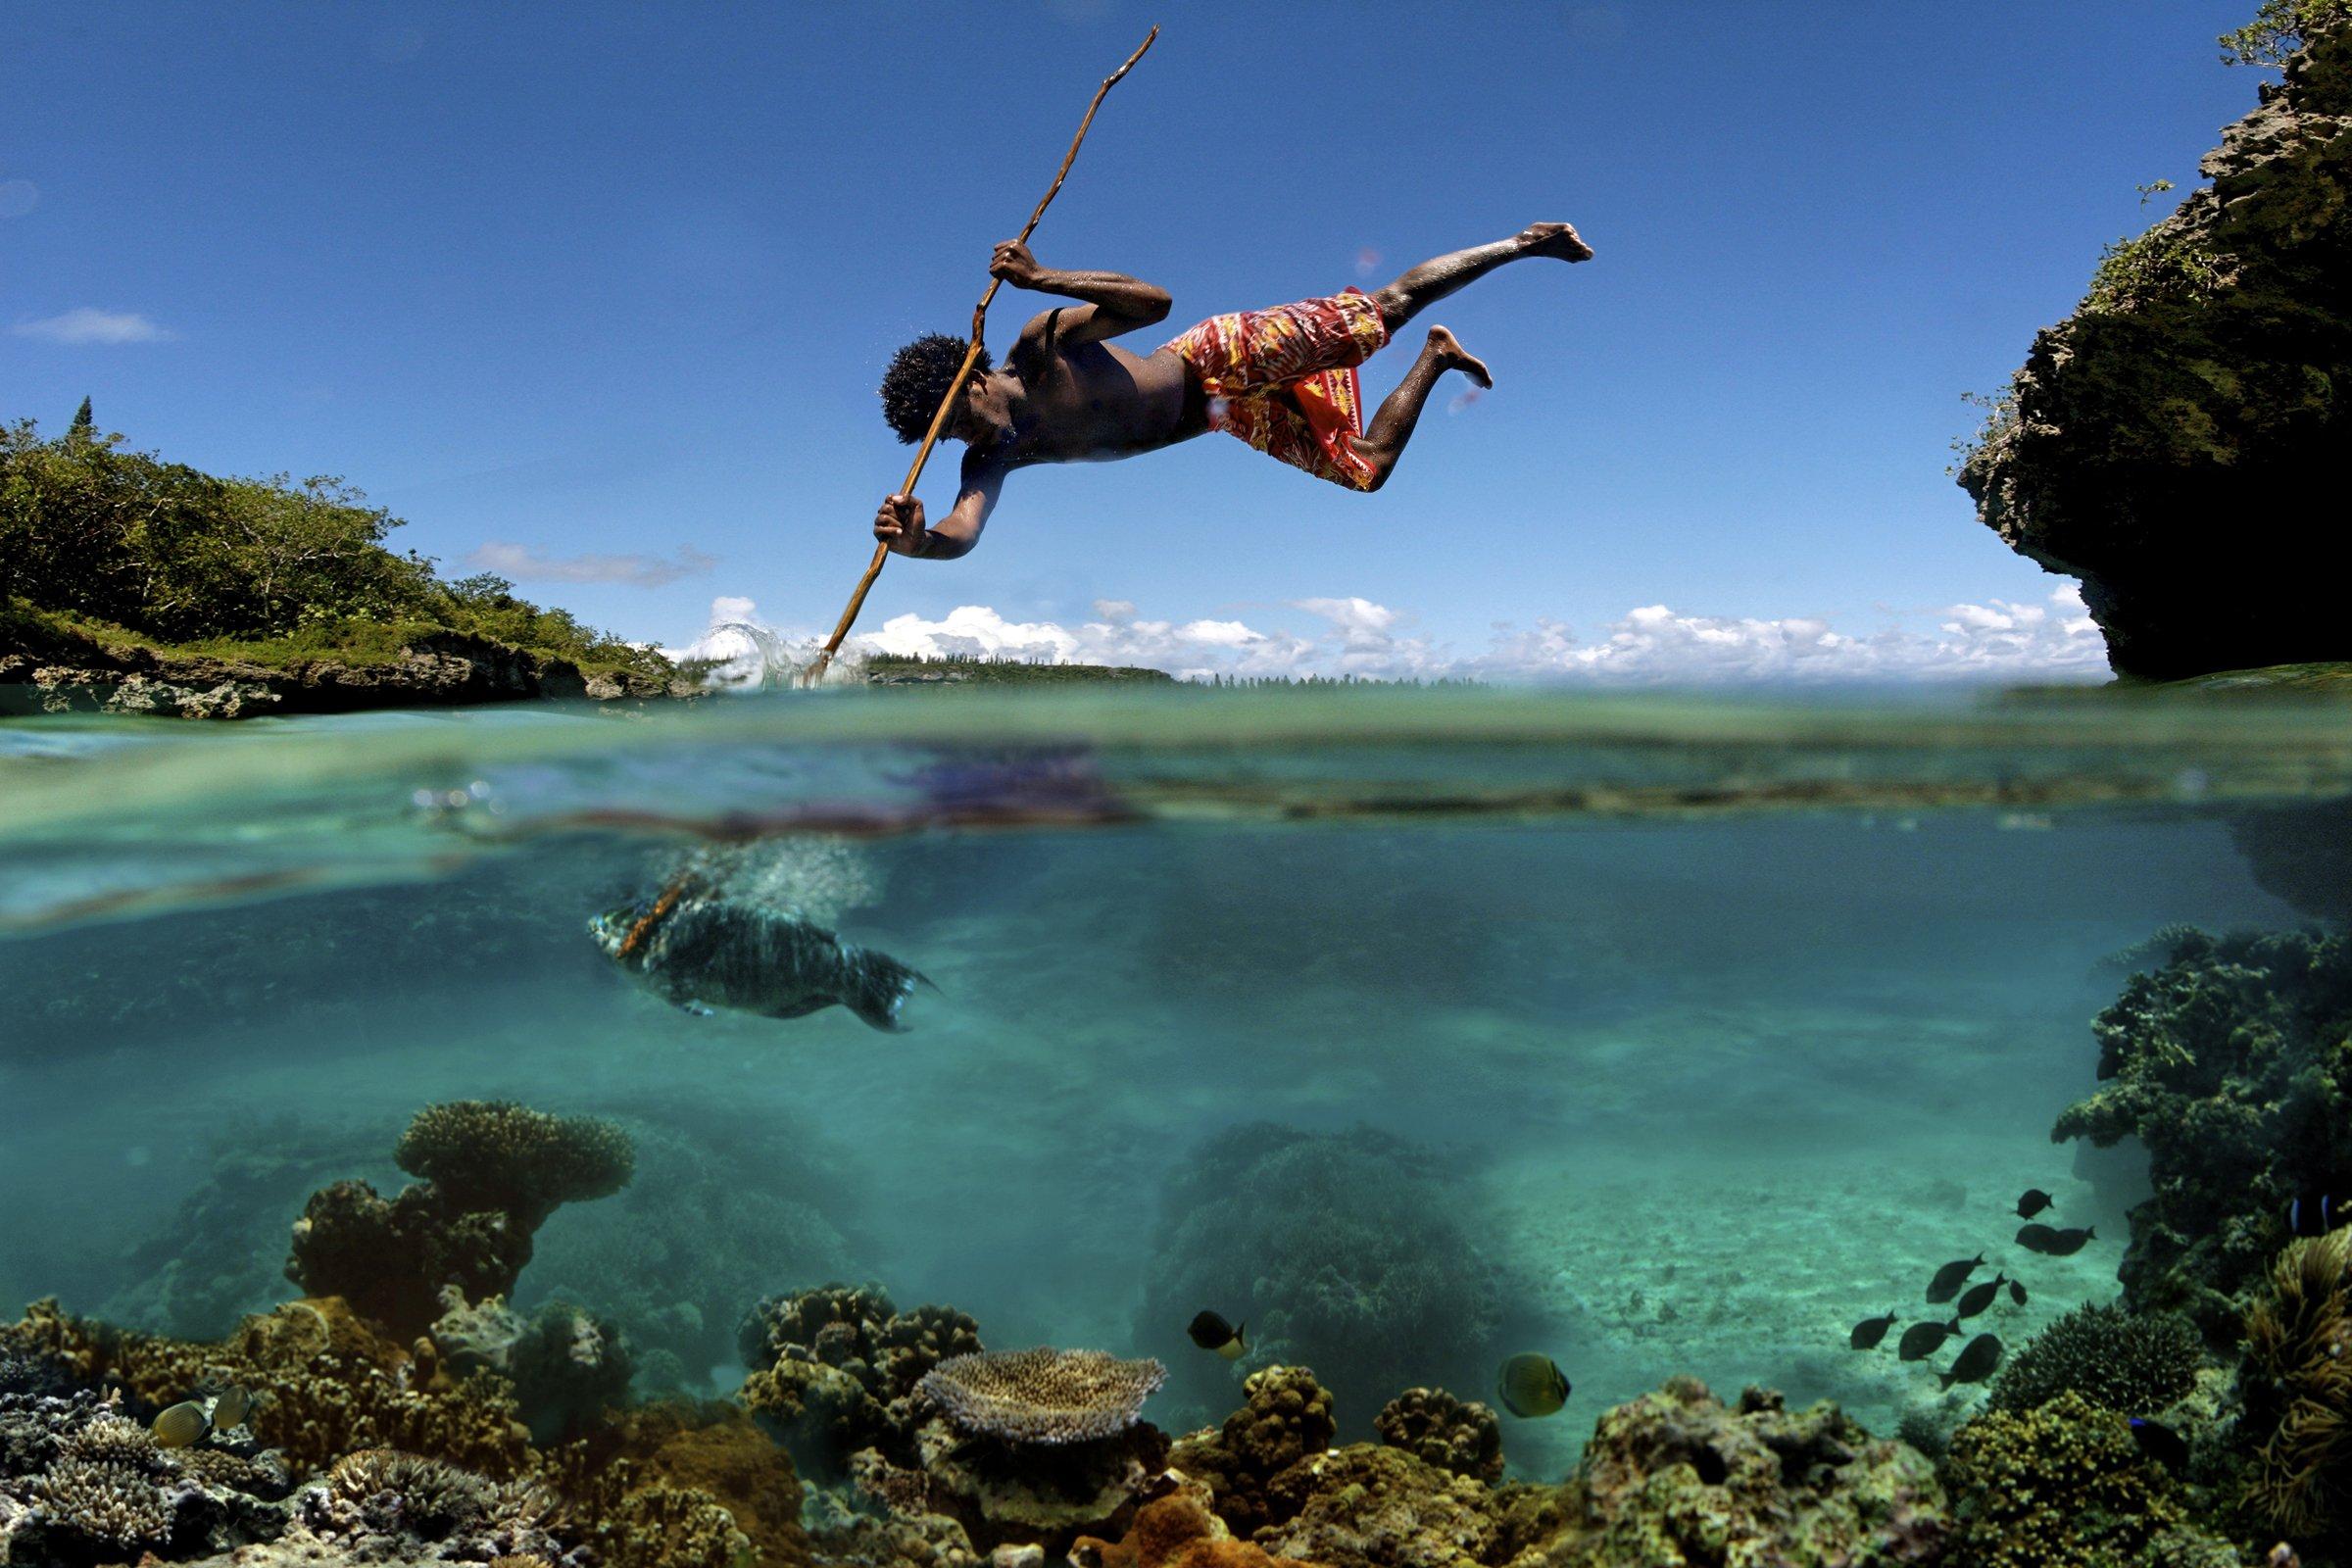 銛で魚を突く漁師